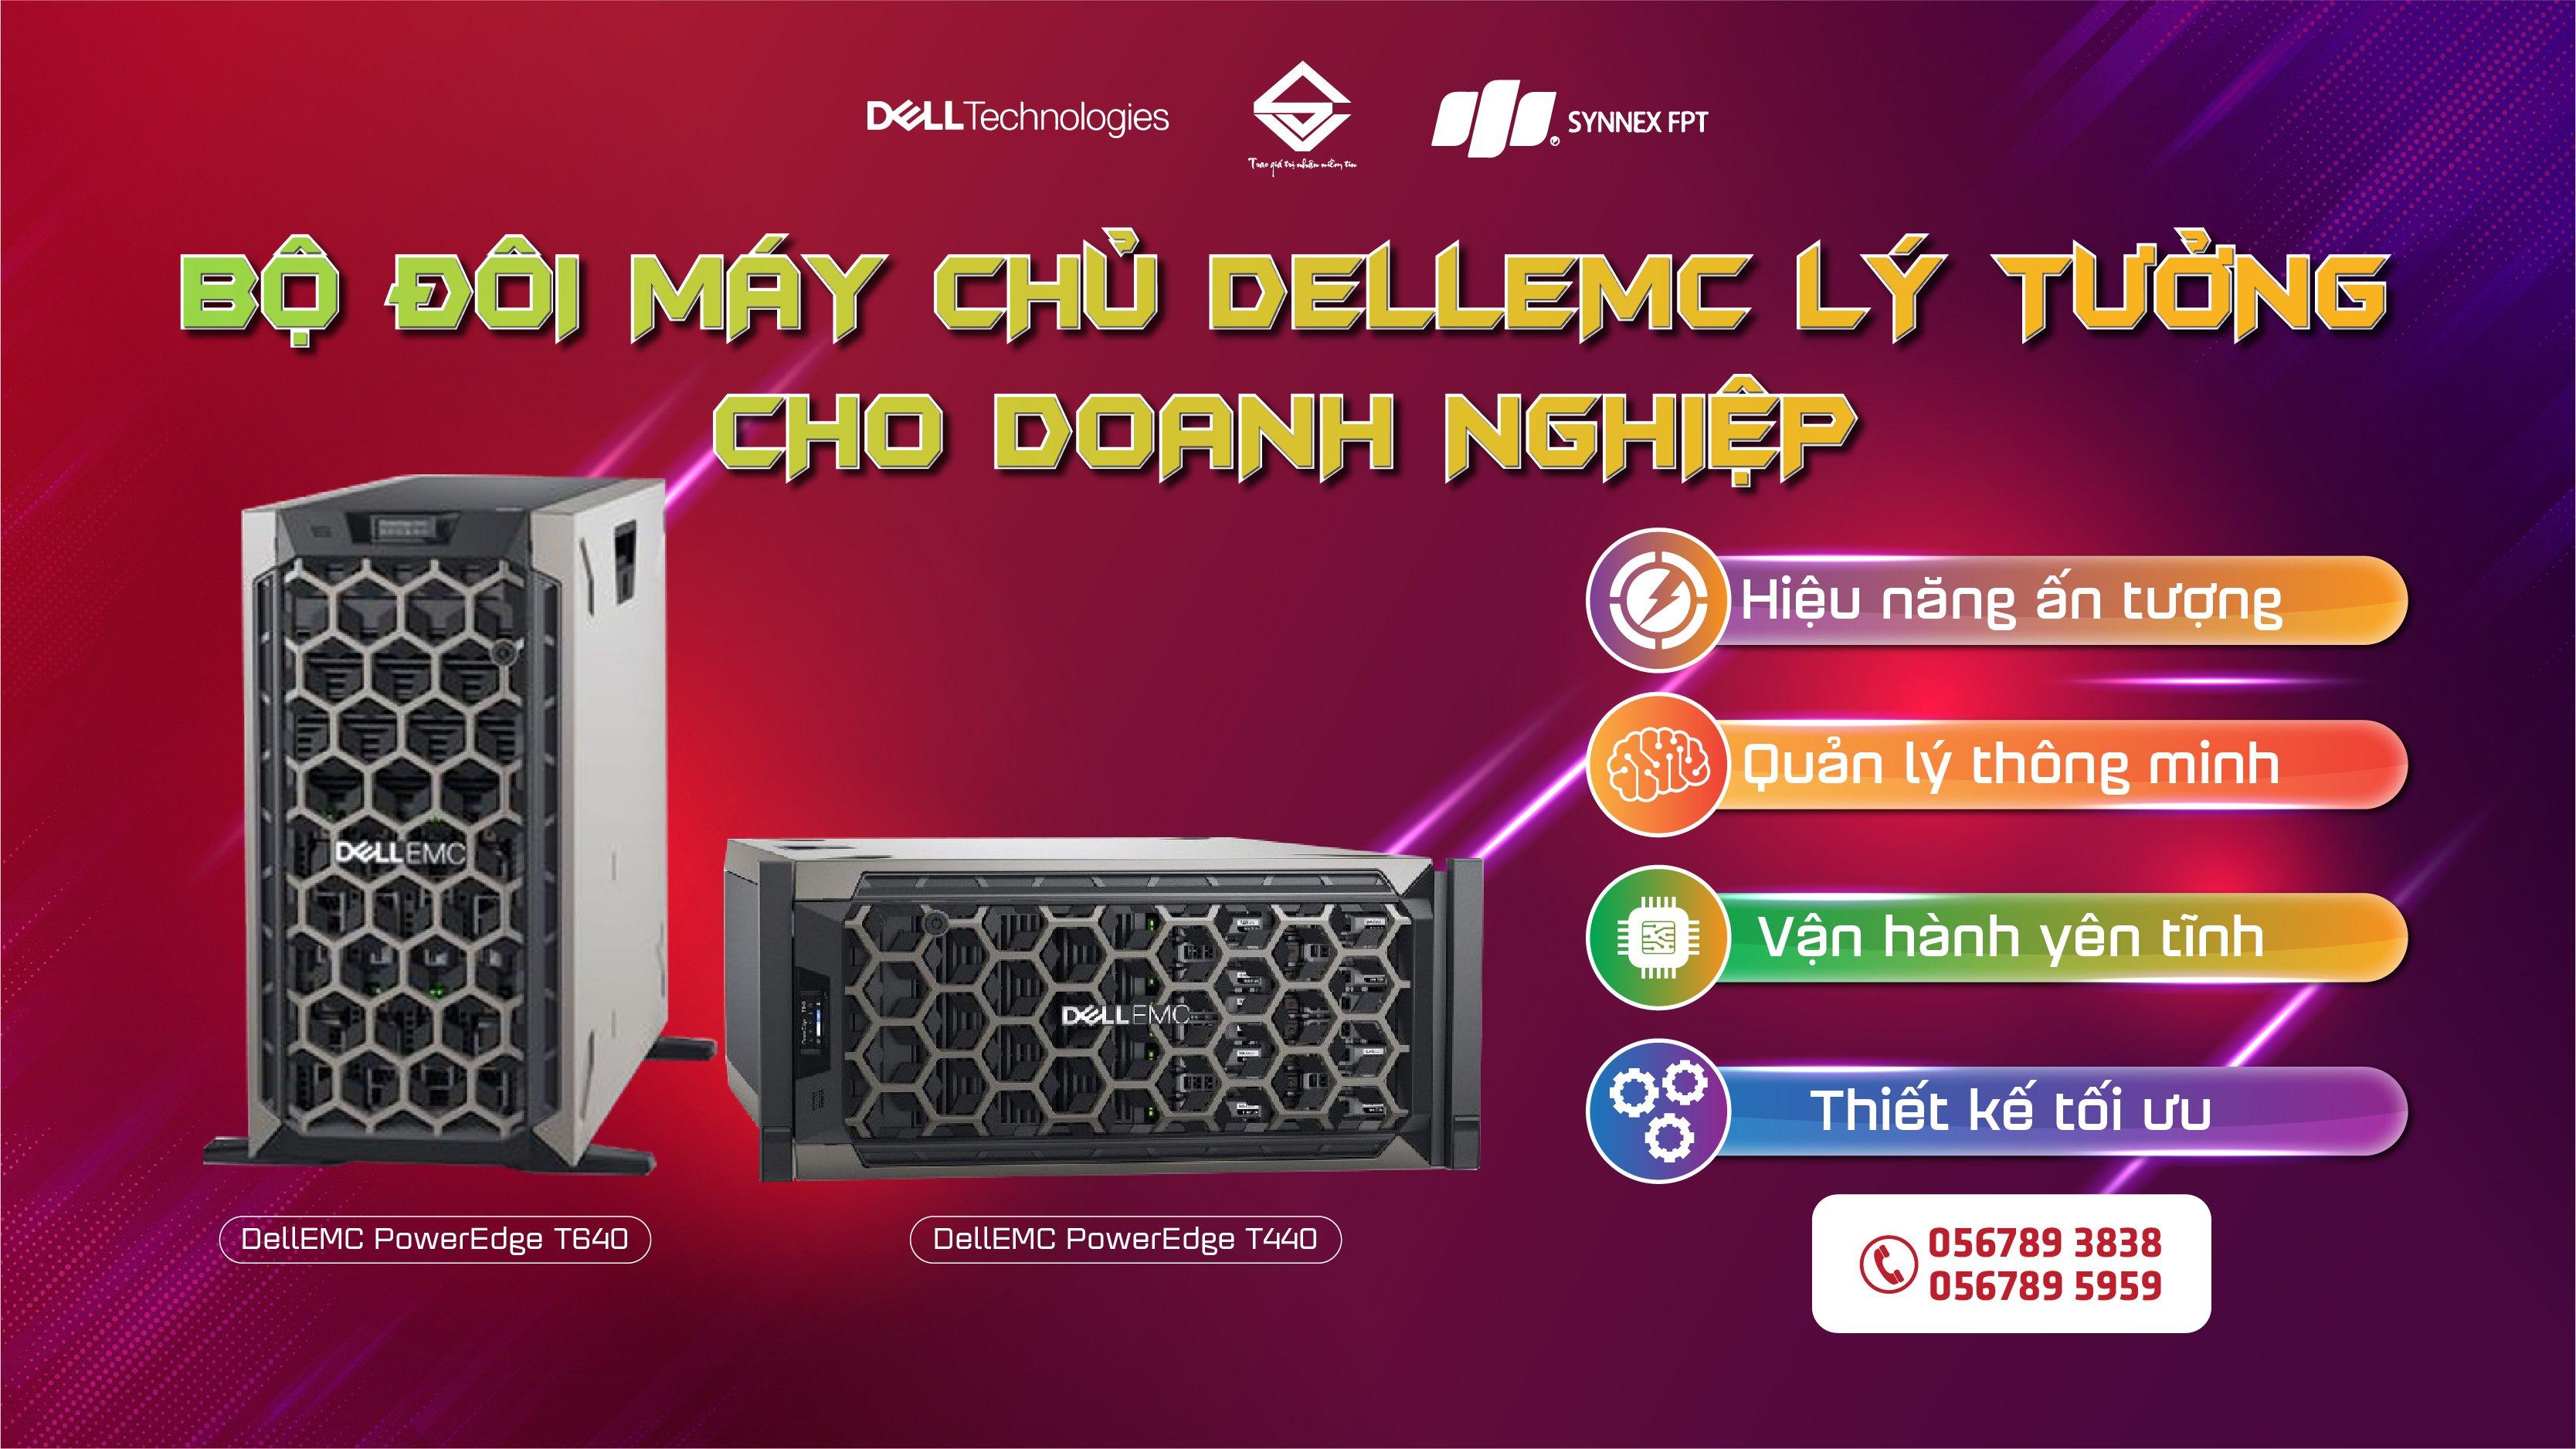 Bộ đôi máy chủ DellEMC PowerEdge lý tưởng cho doanh nghiệp